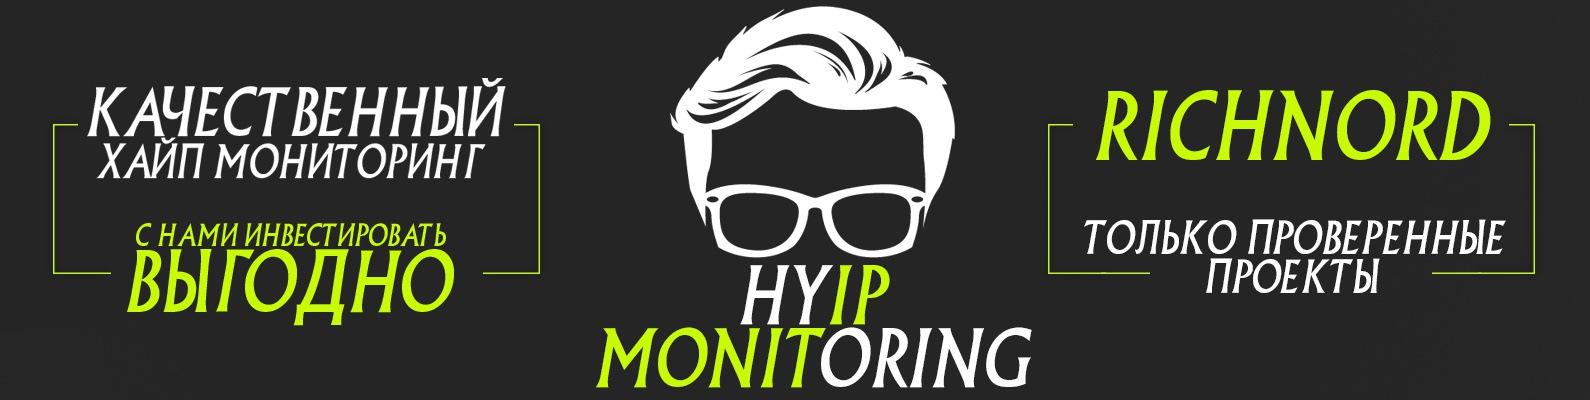 Хайп мониторинг новые упражнения